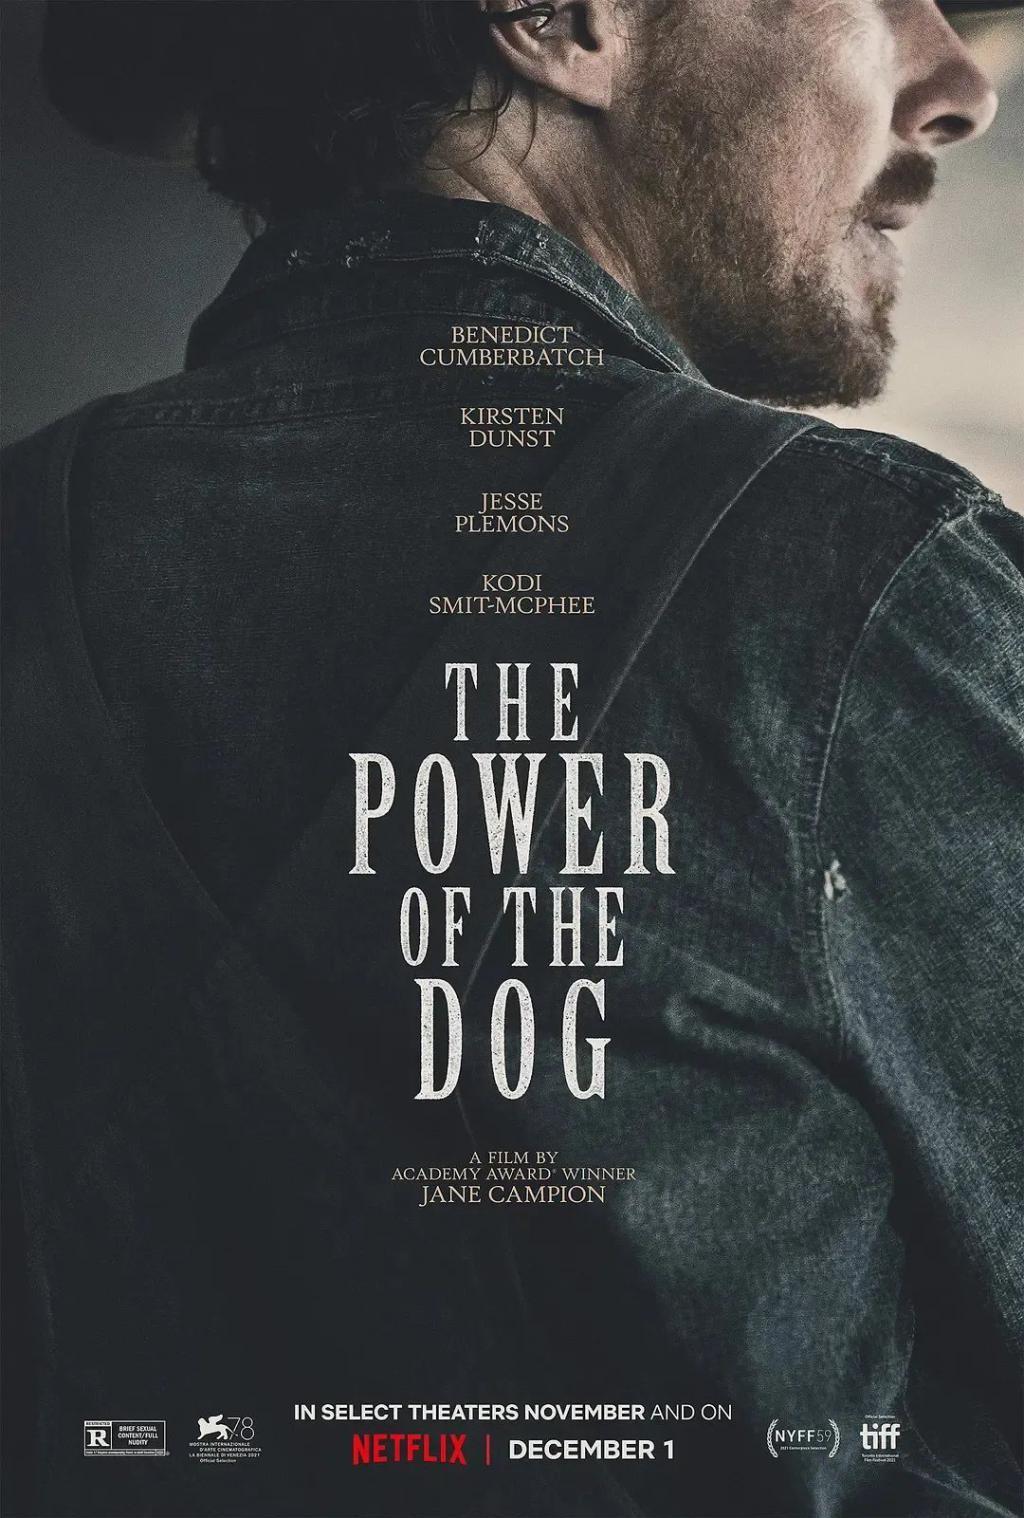 《犬之力》影评:奇异博士,原来你是假恐同,真深柜